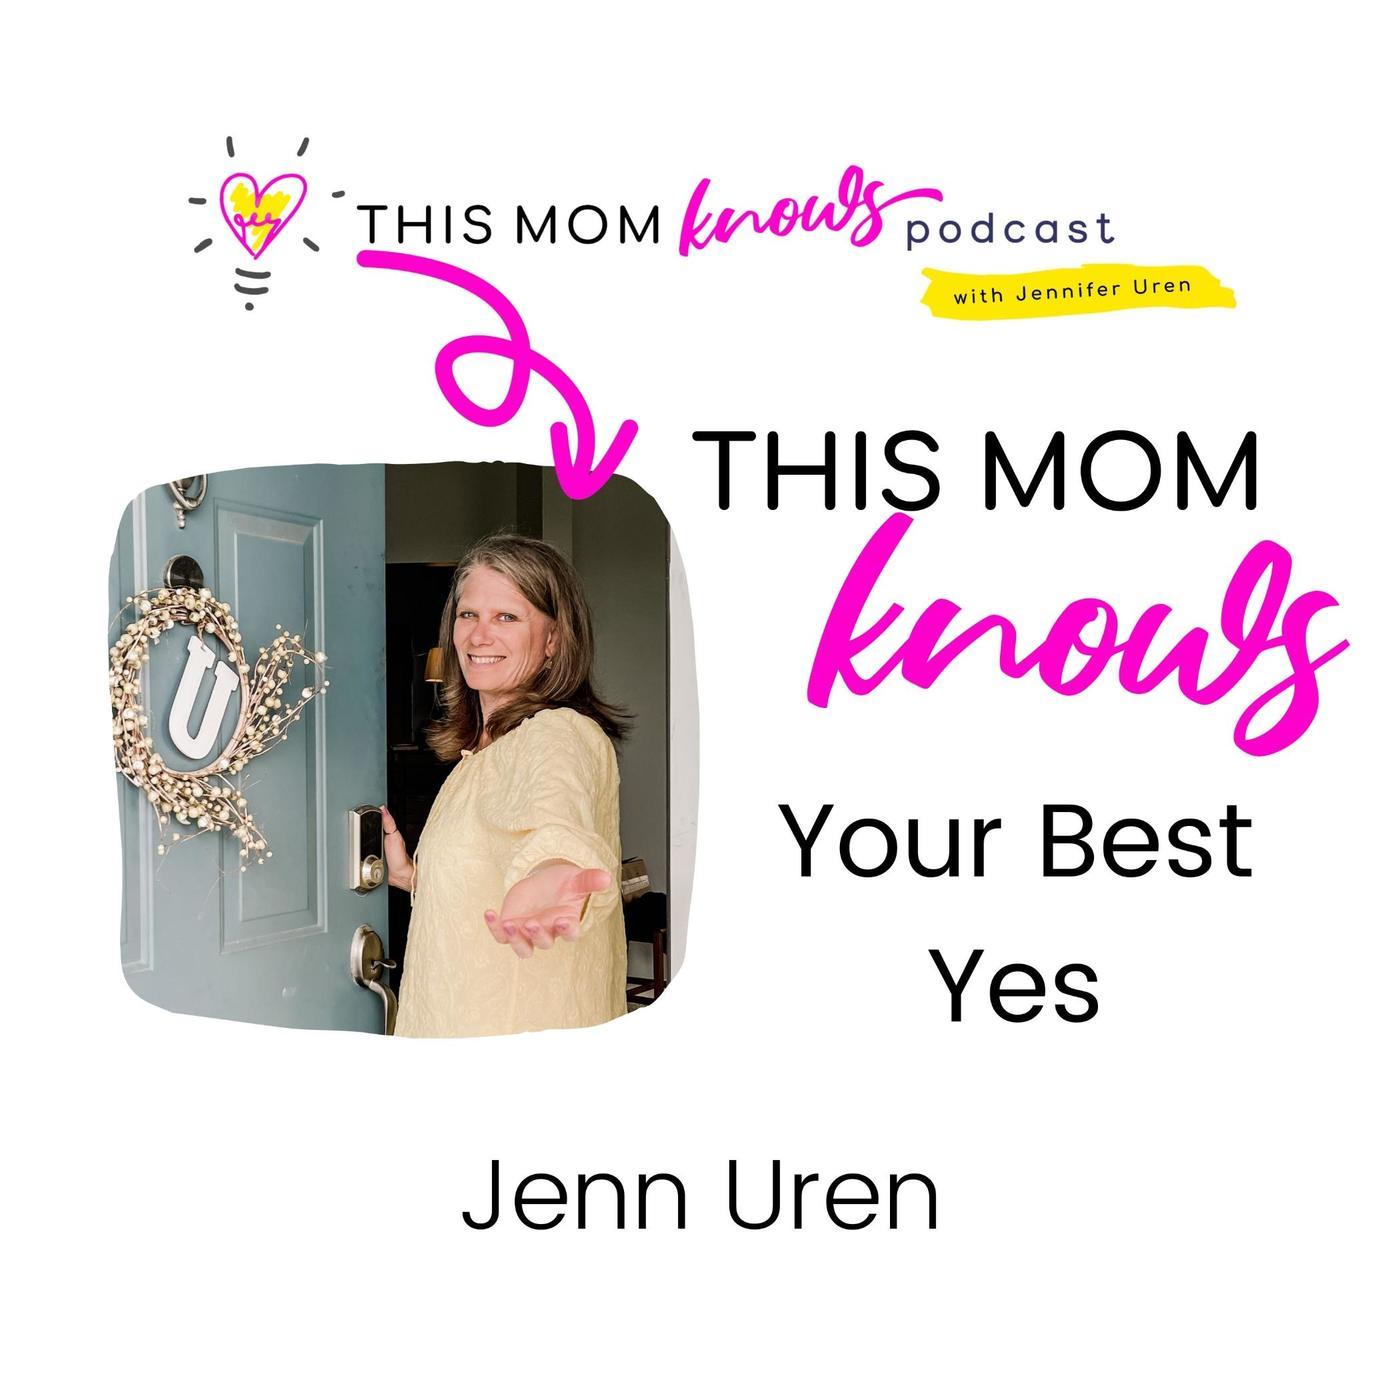 Jenn Uren on Your Best Yes